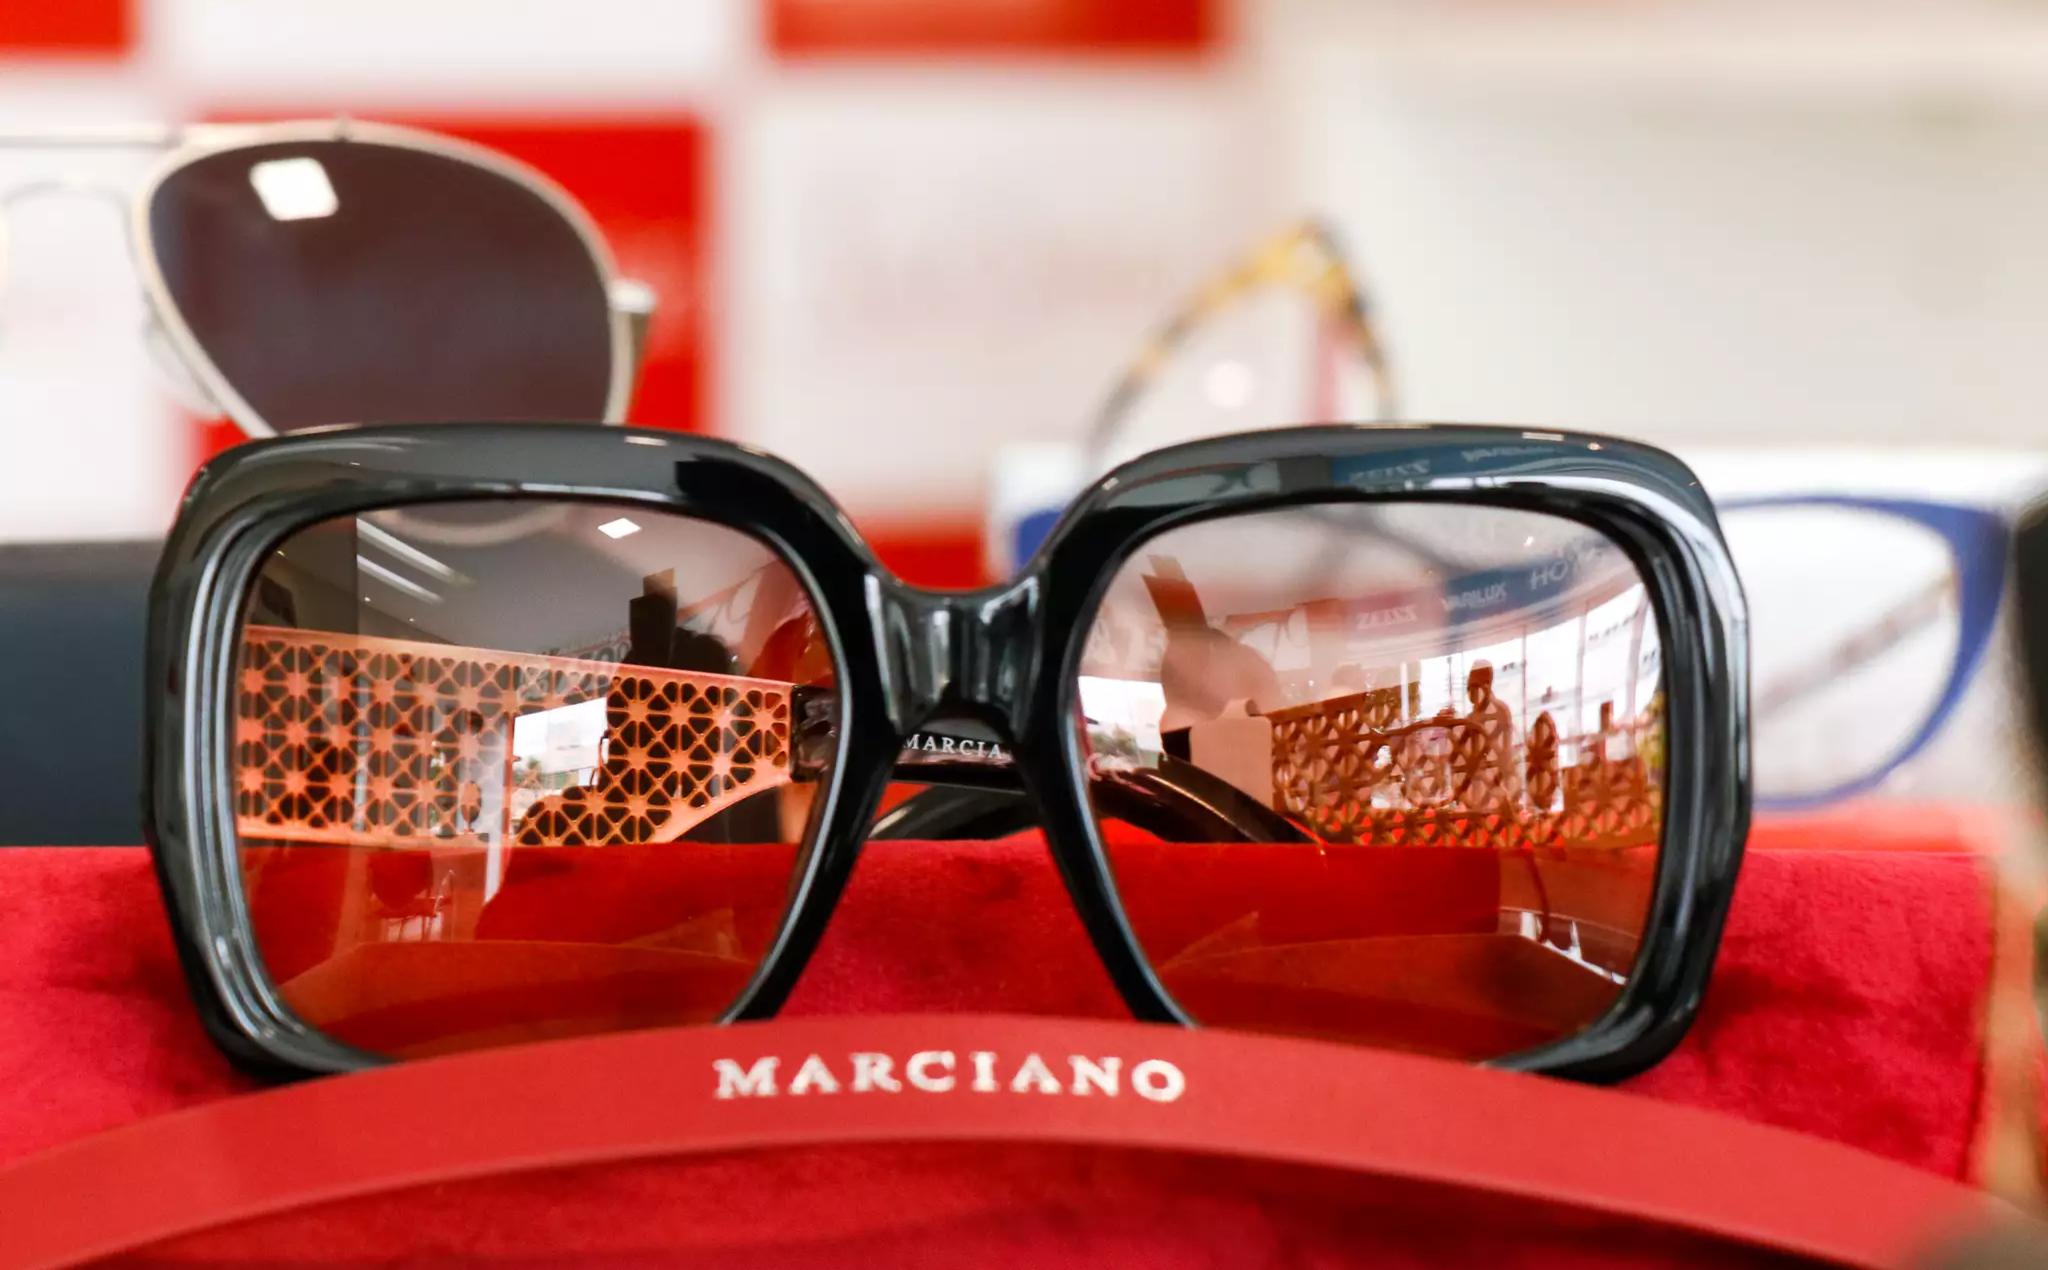 Óculos de sol ou de grau, para o dia a dia ou mostrar estilo, Sua Óptica tem opções certas (Foto: Henrique Kawaminami)